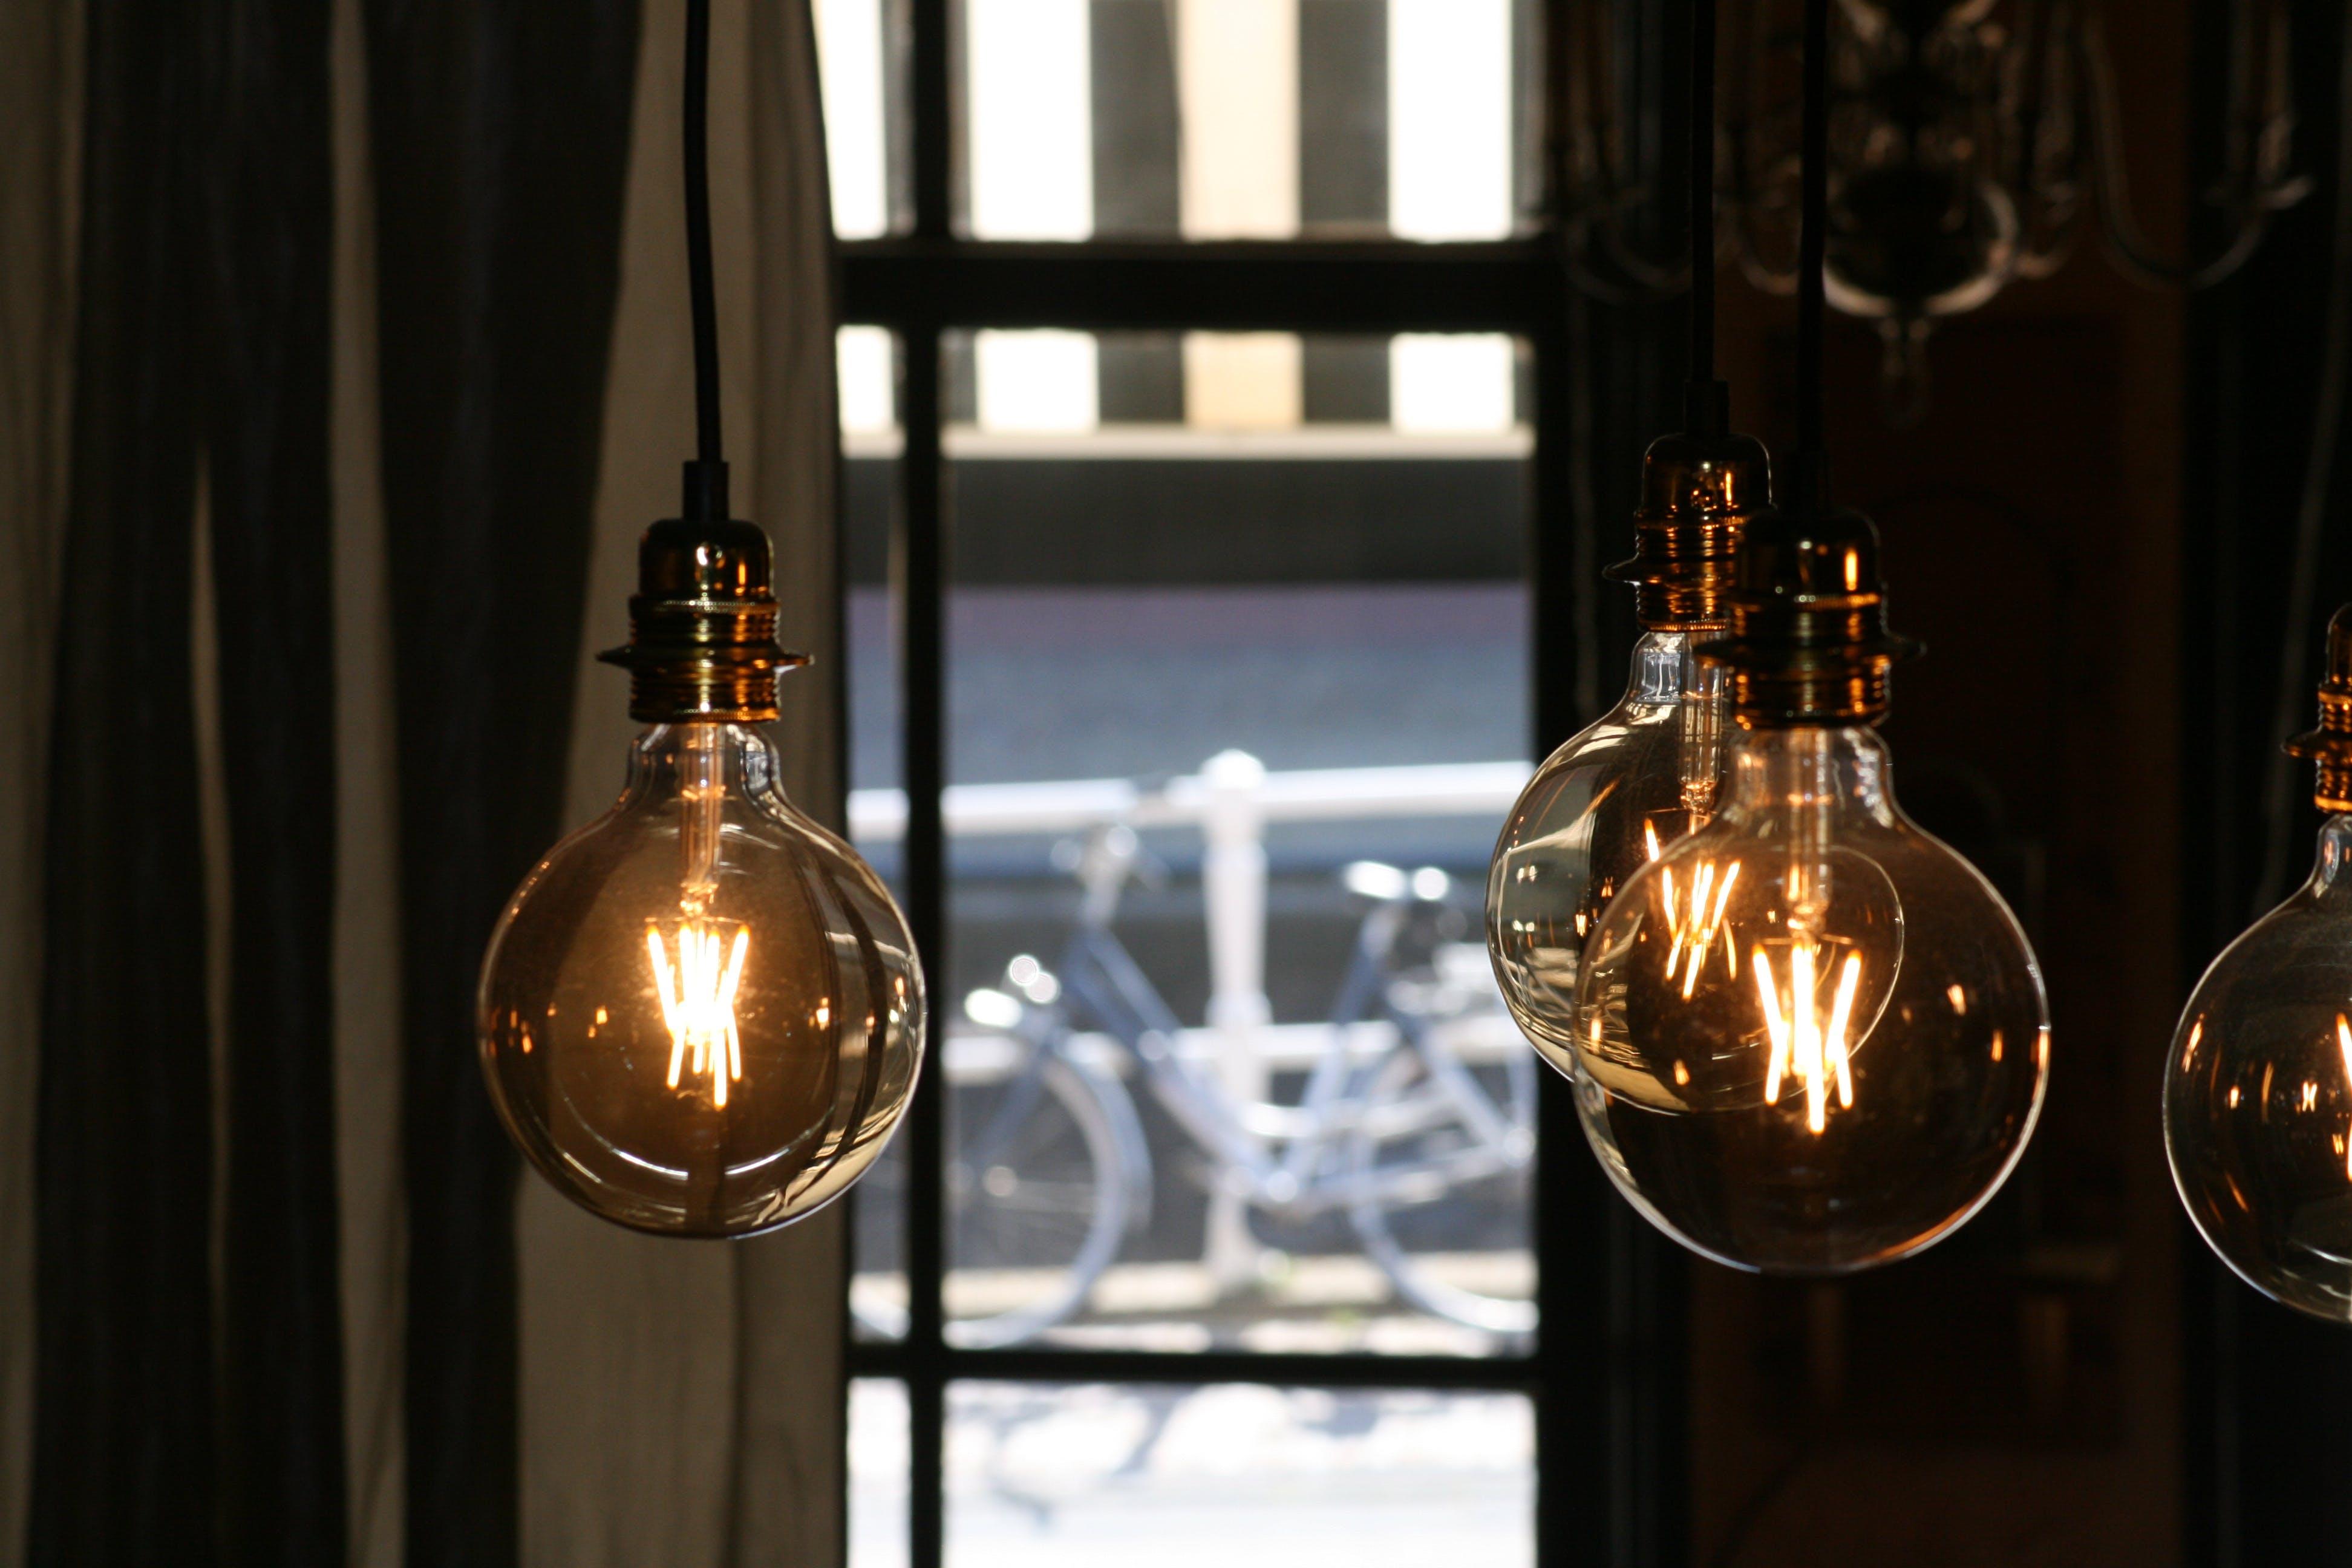 Lightbulbs Turned on